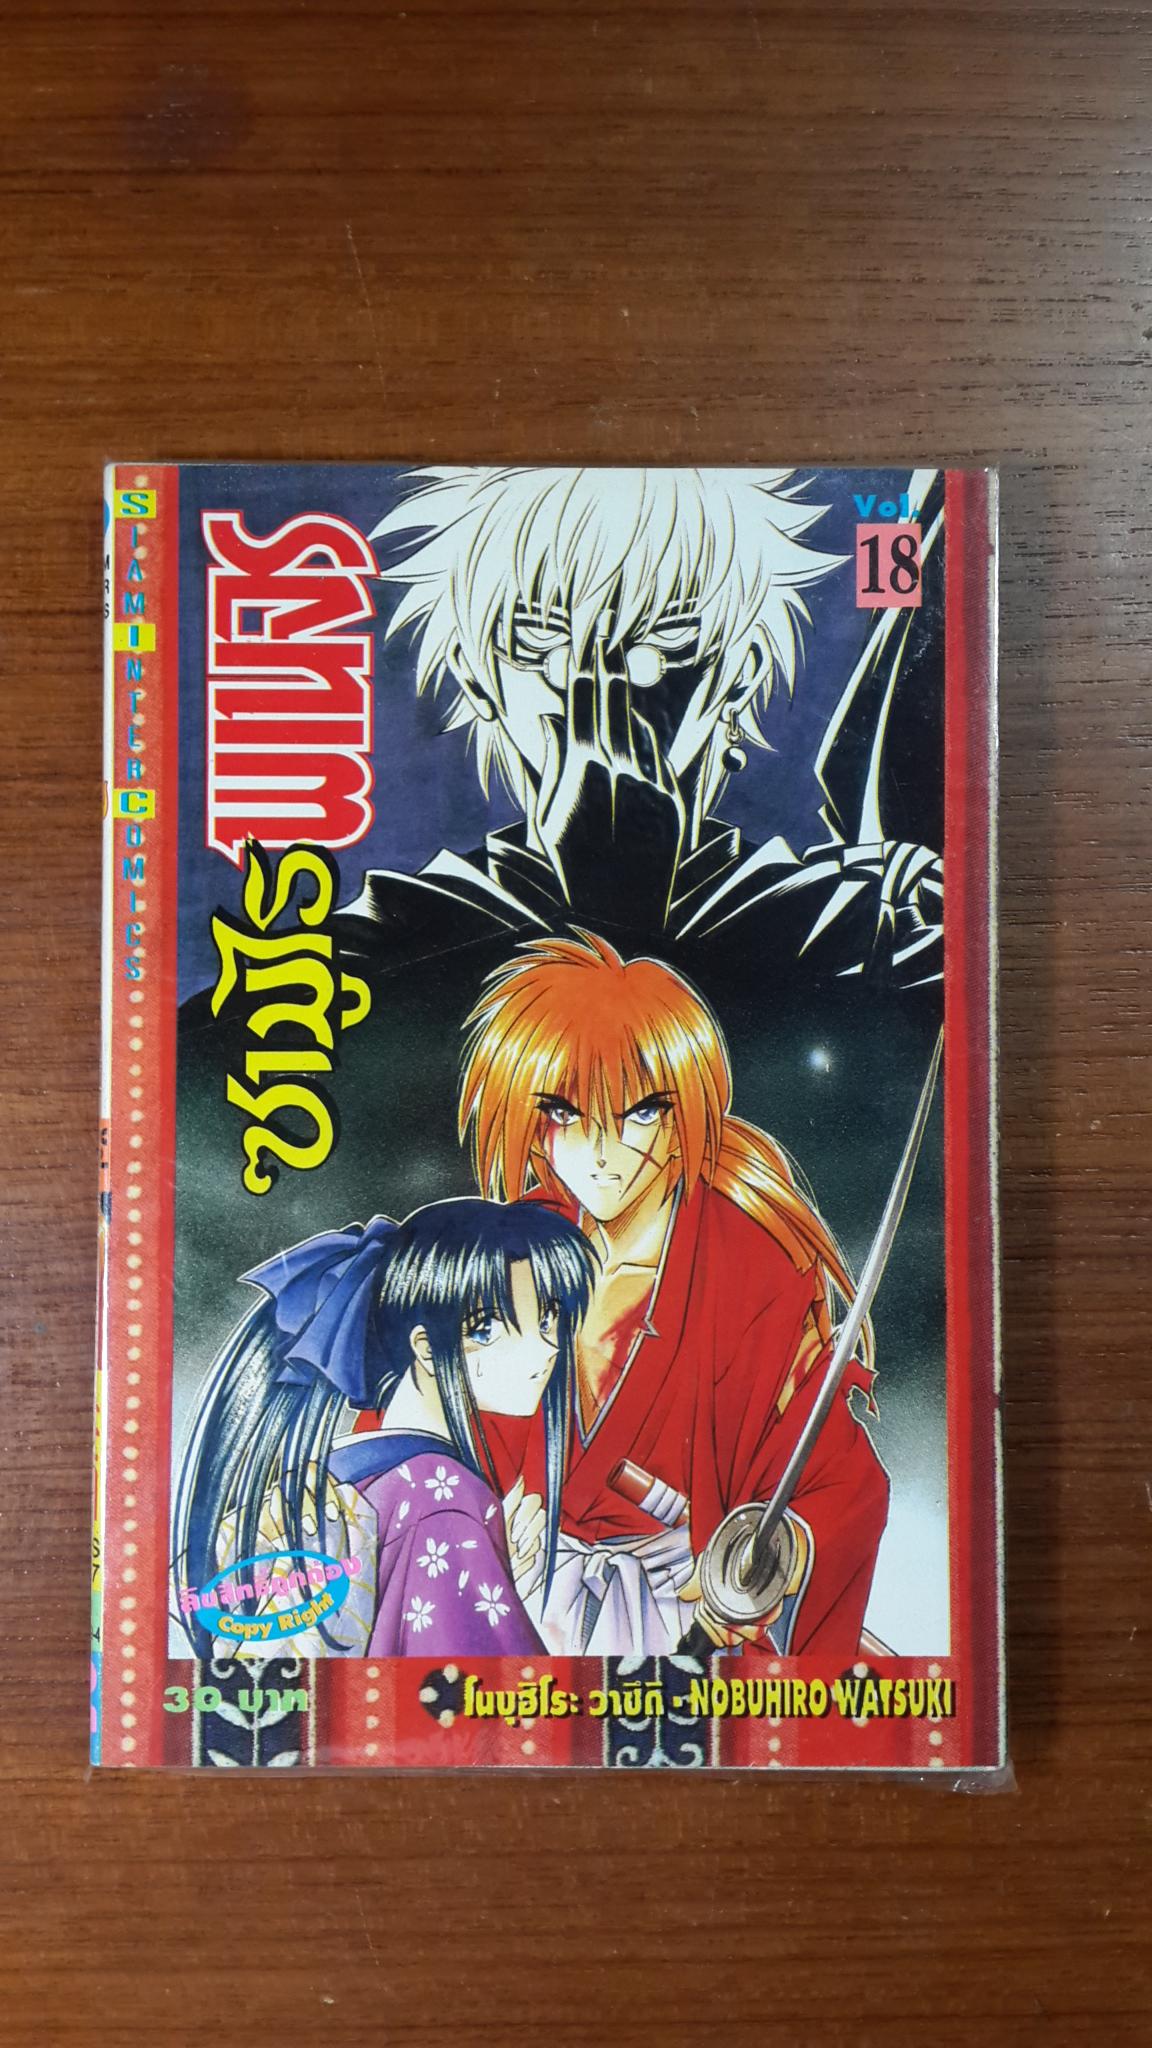 ซามูไรพเนจร Vol.18